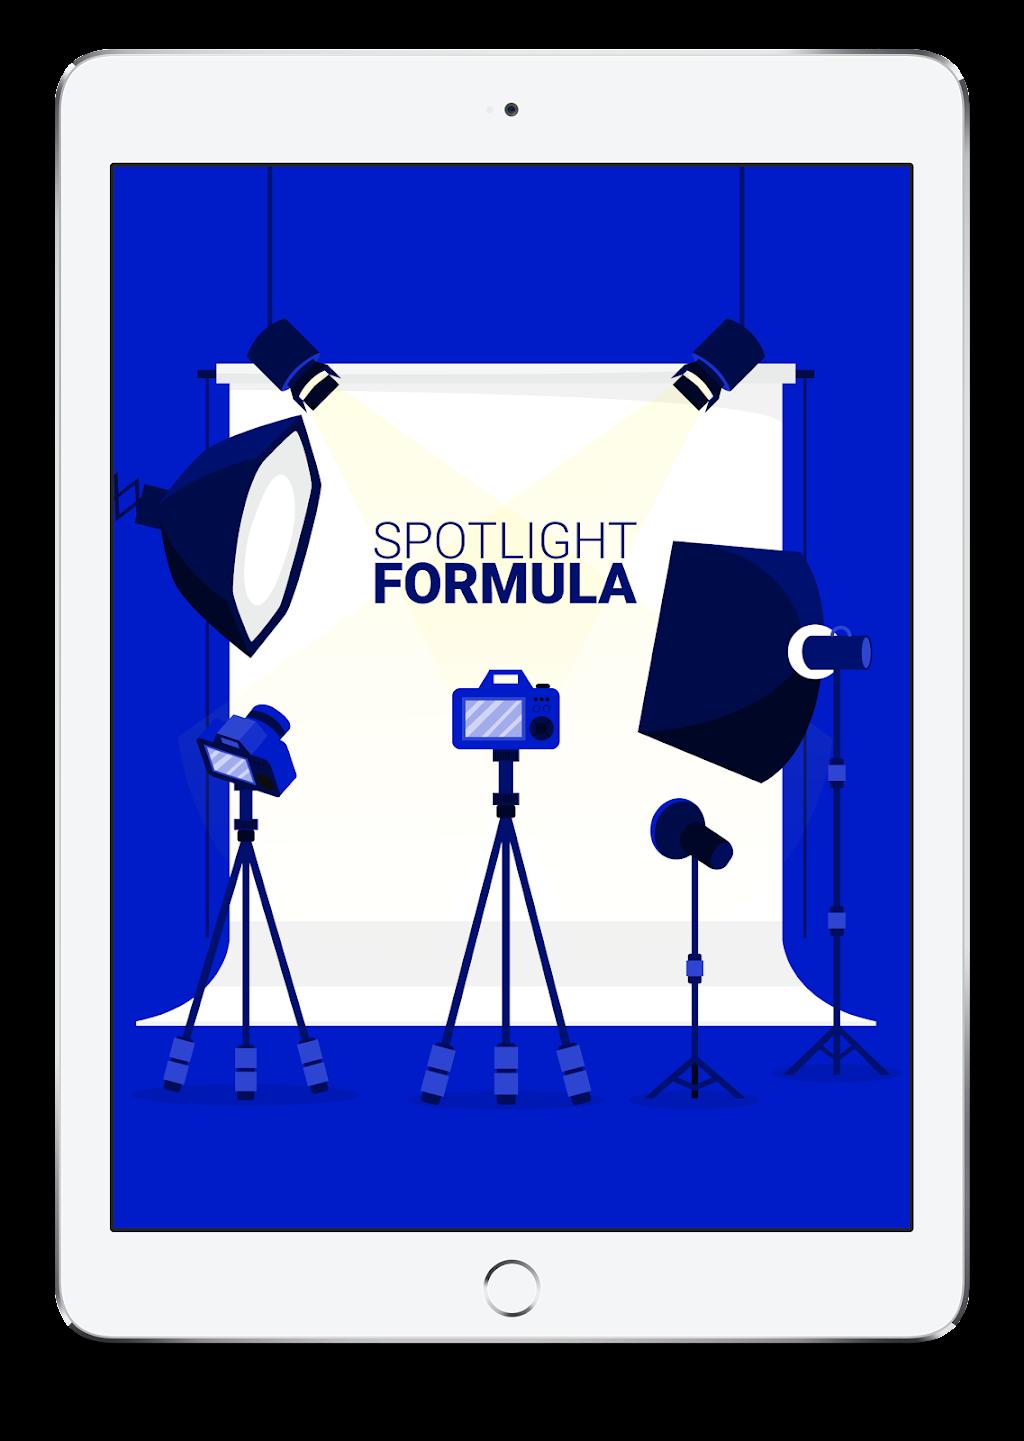 spotlight-formula